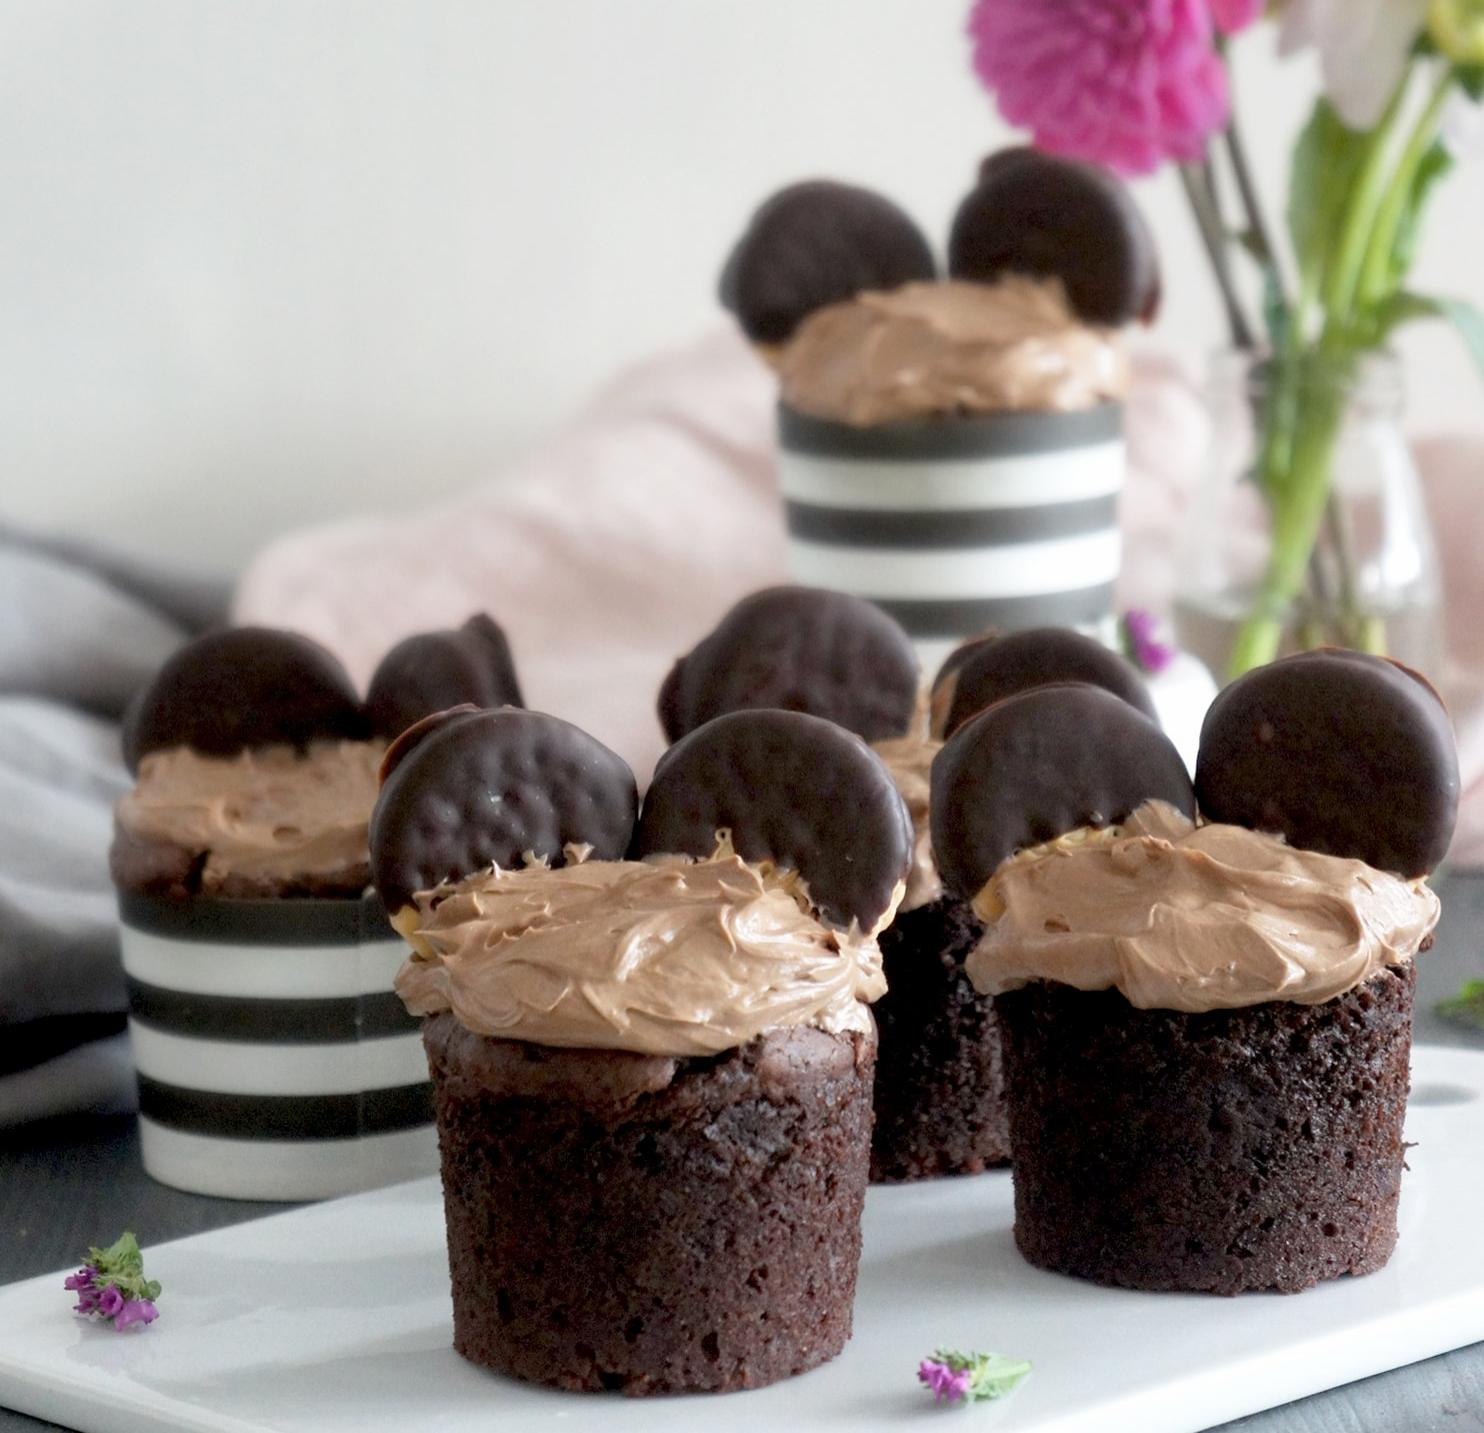 schoko muffins mit nuss nougat creme und maeuseoehrchen. Black Bedroom Furniture Sets. Home Design Ideas